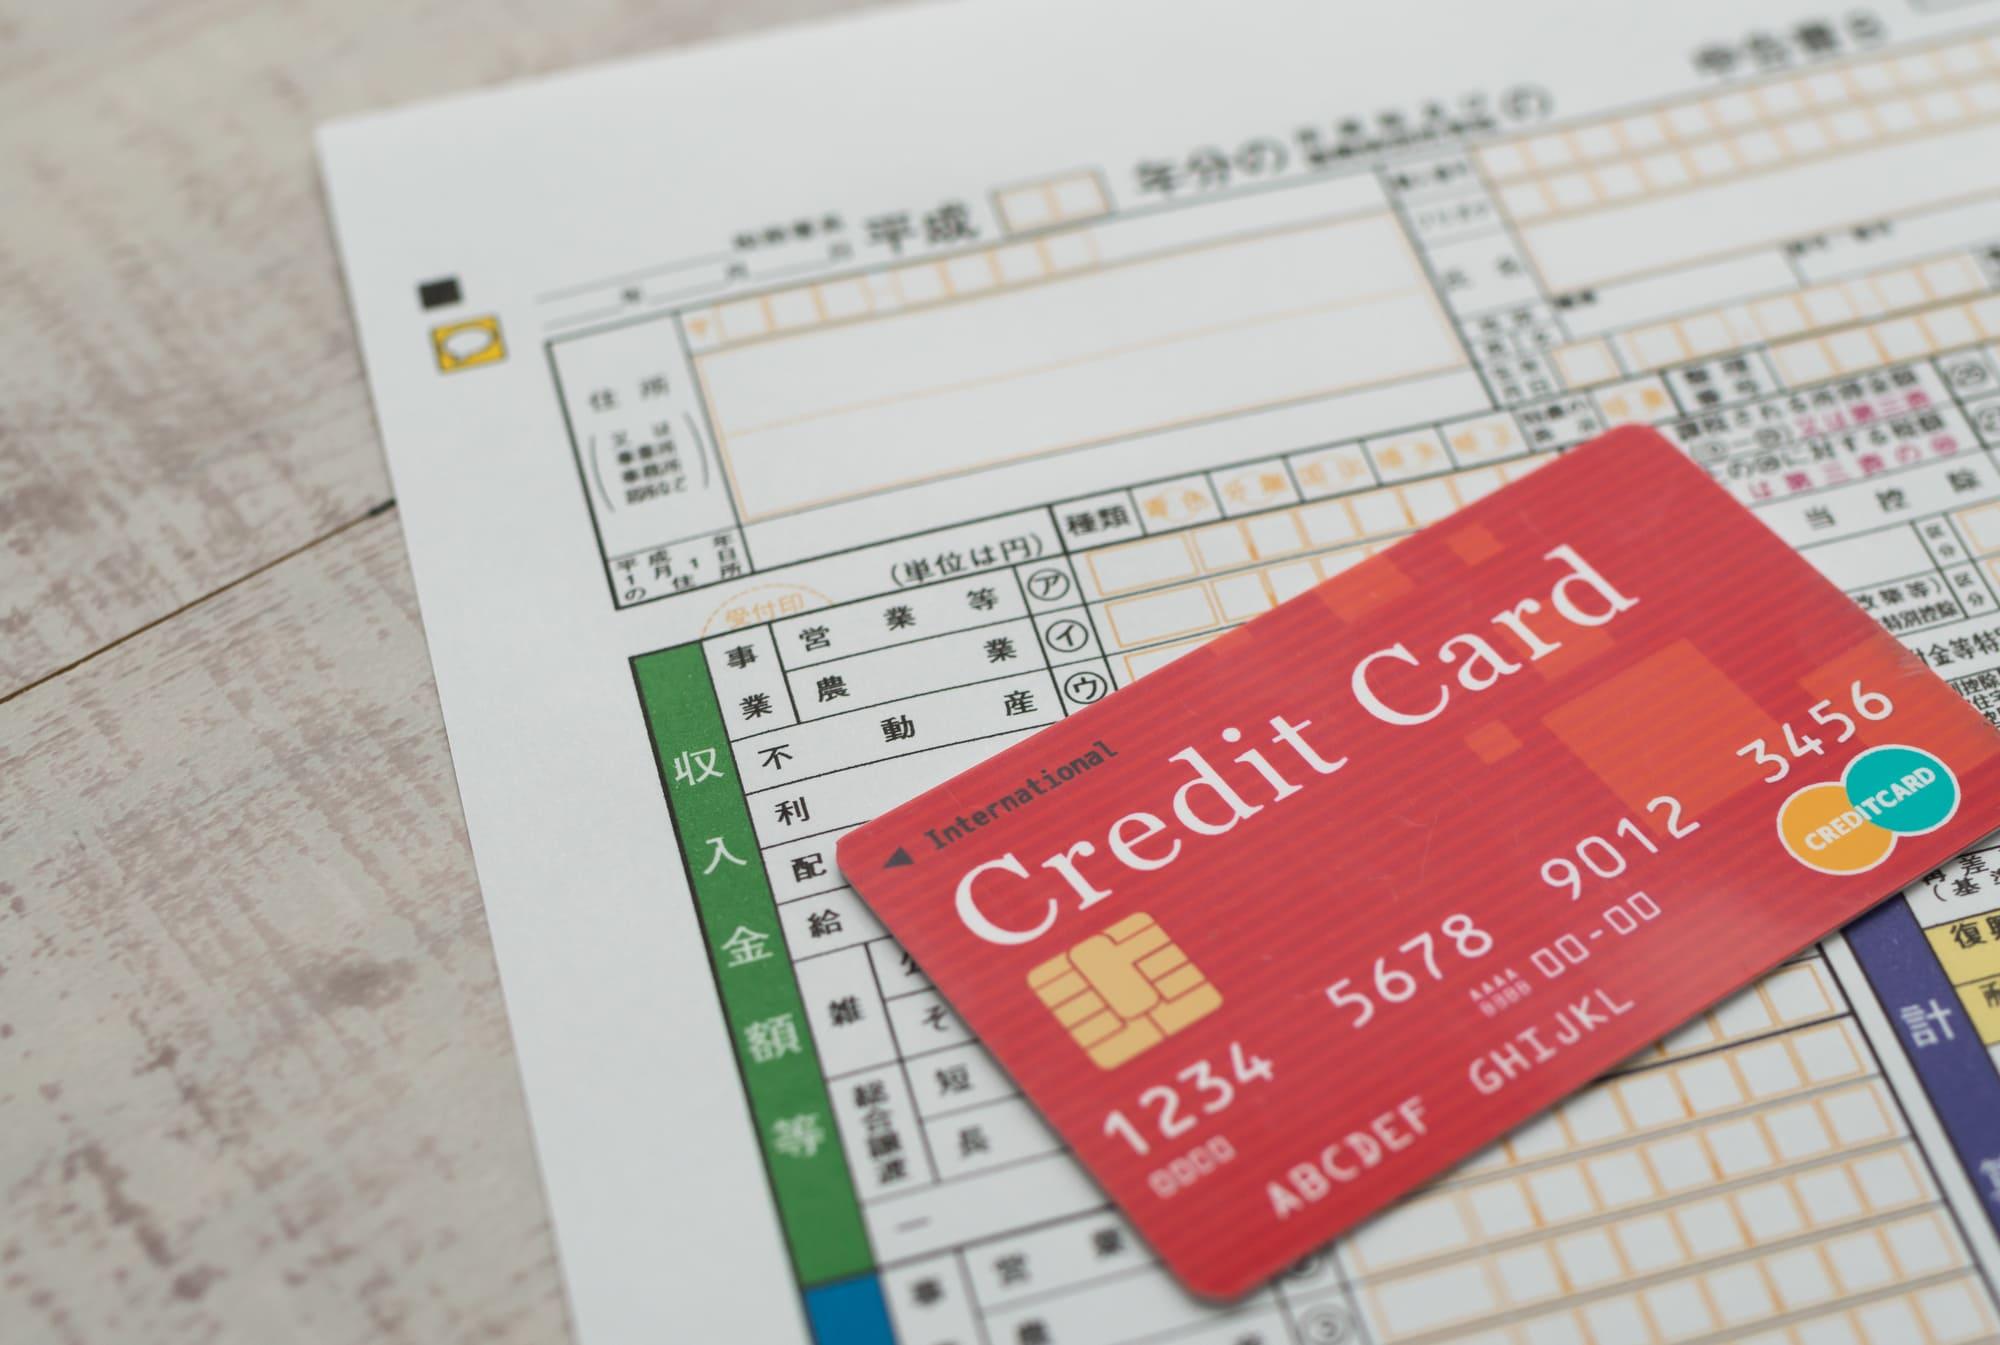 法人カードで税金を支払っておトクにポイントを貯める方法!納税におすすめの法人カード5選